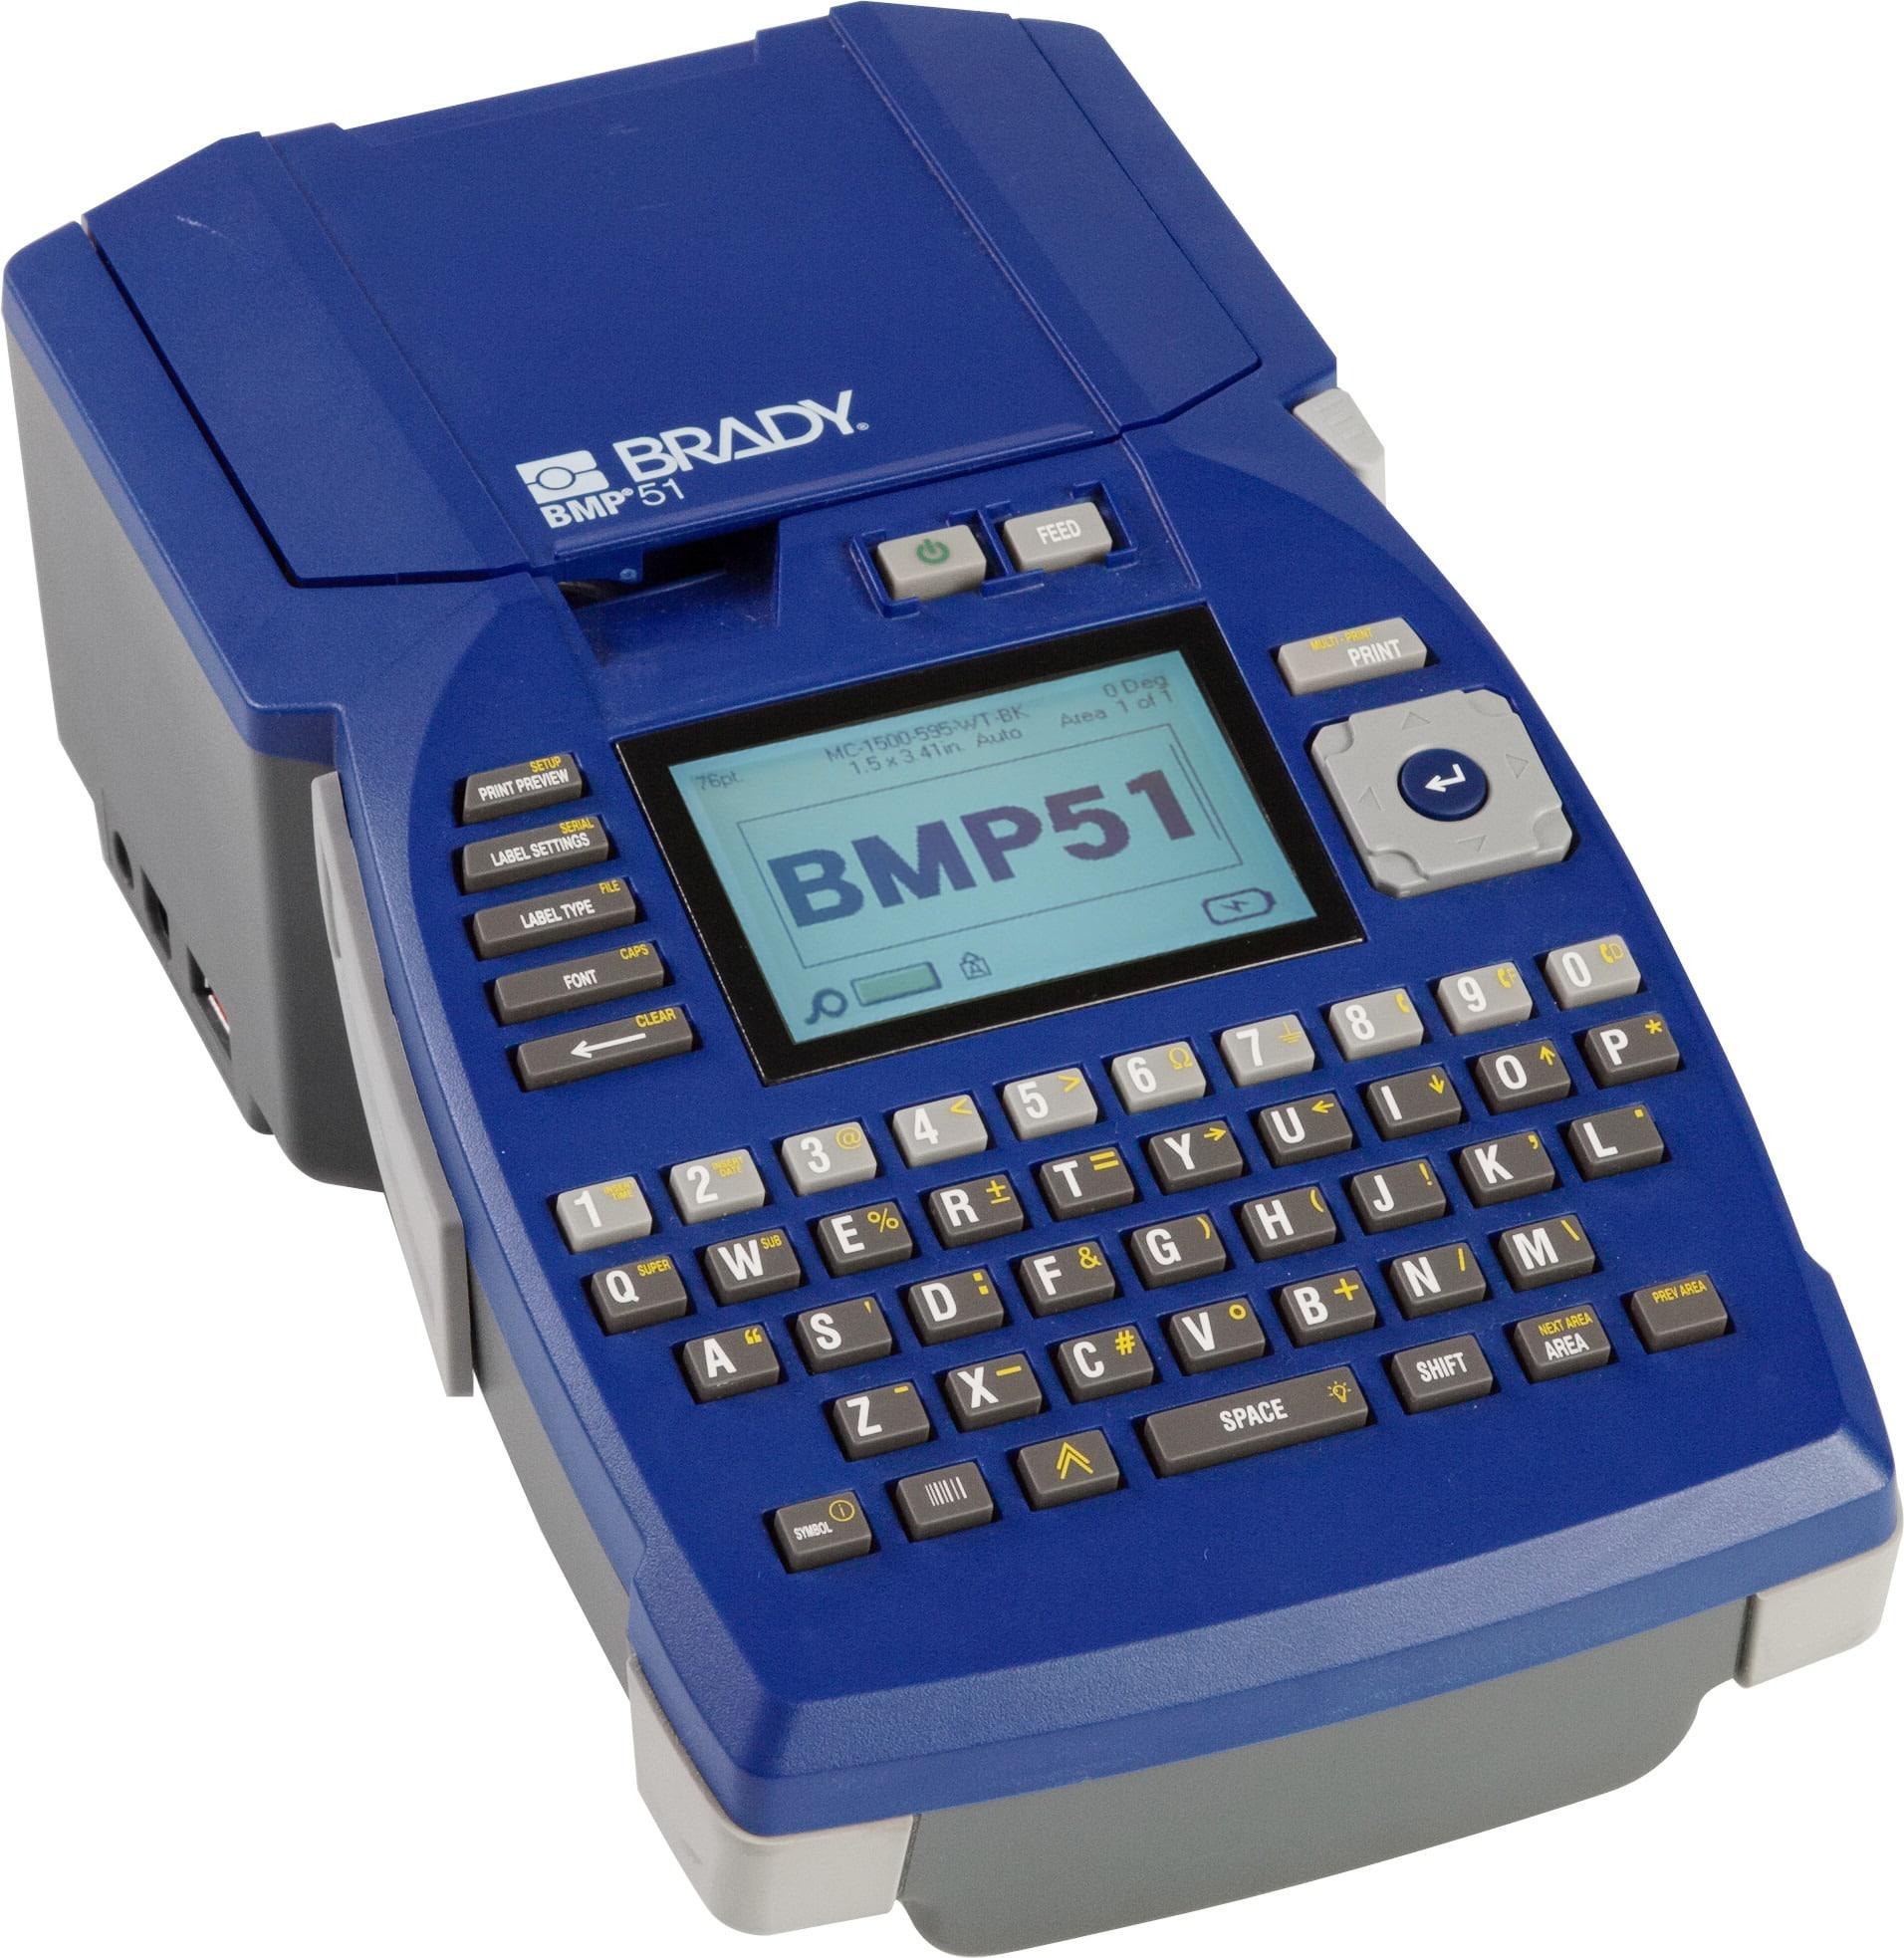 impresora compacta